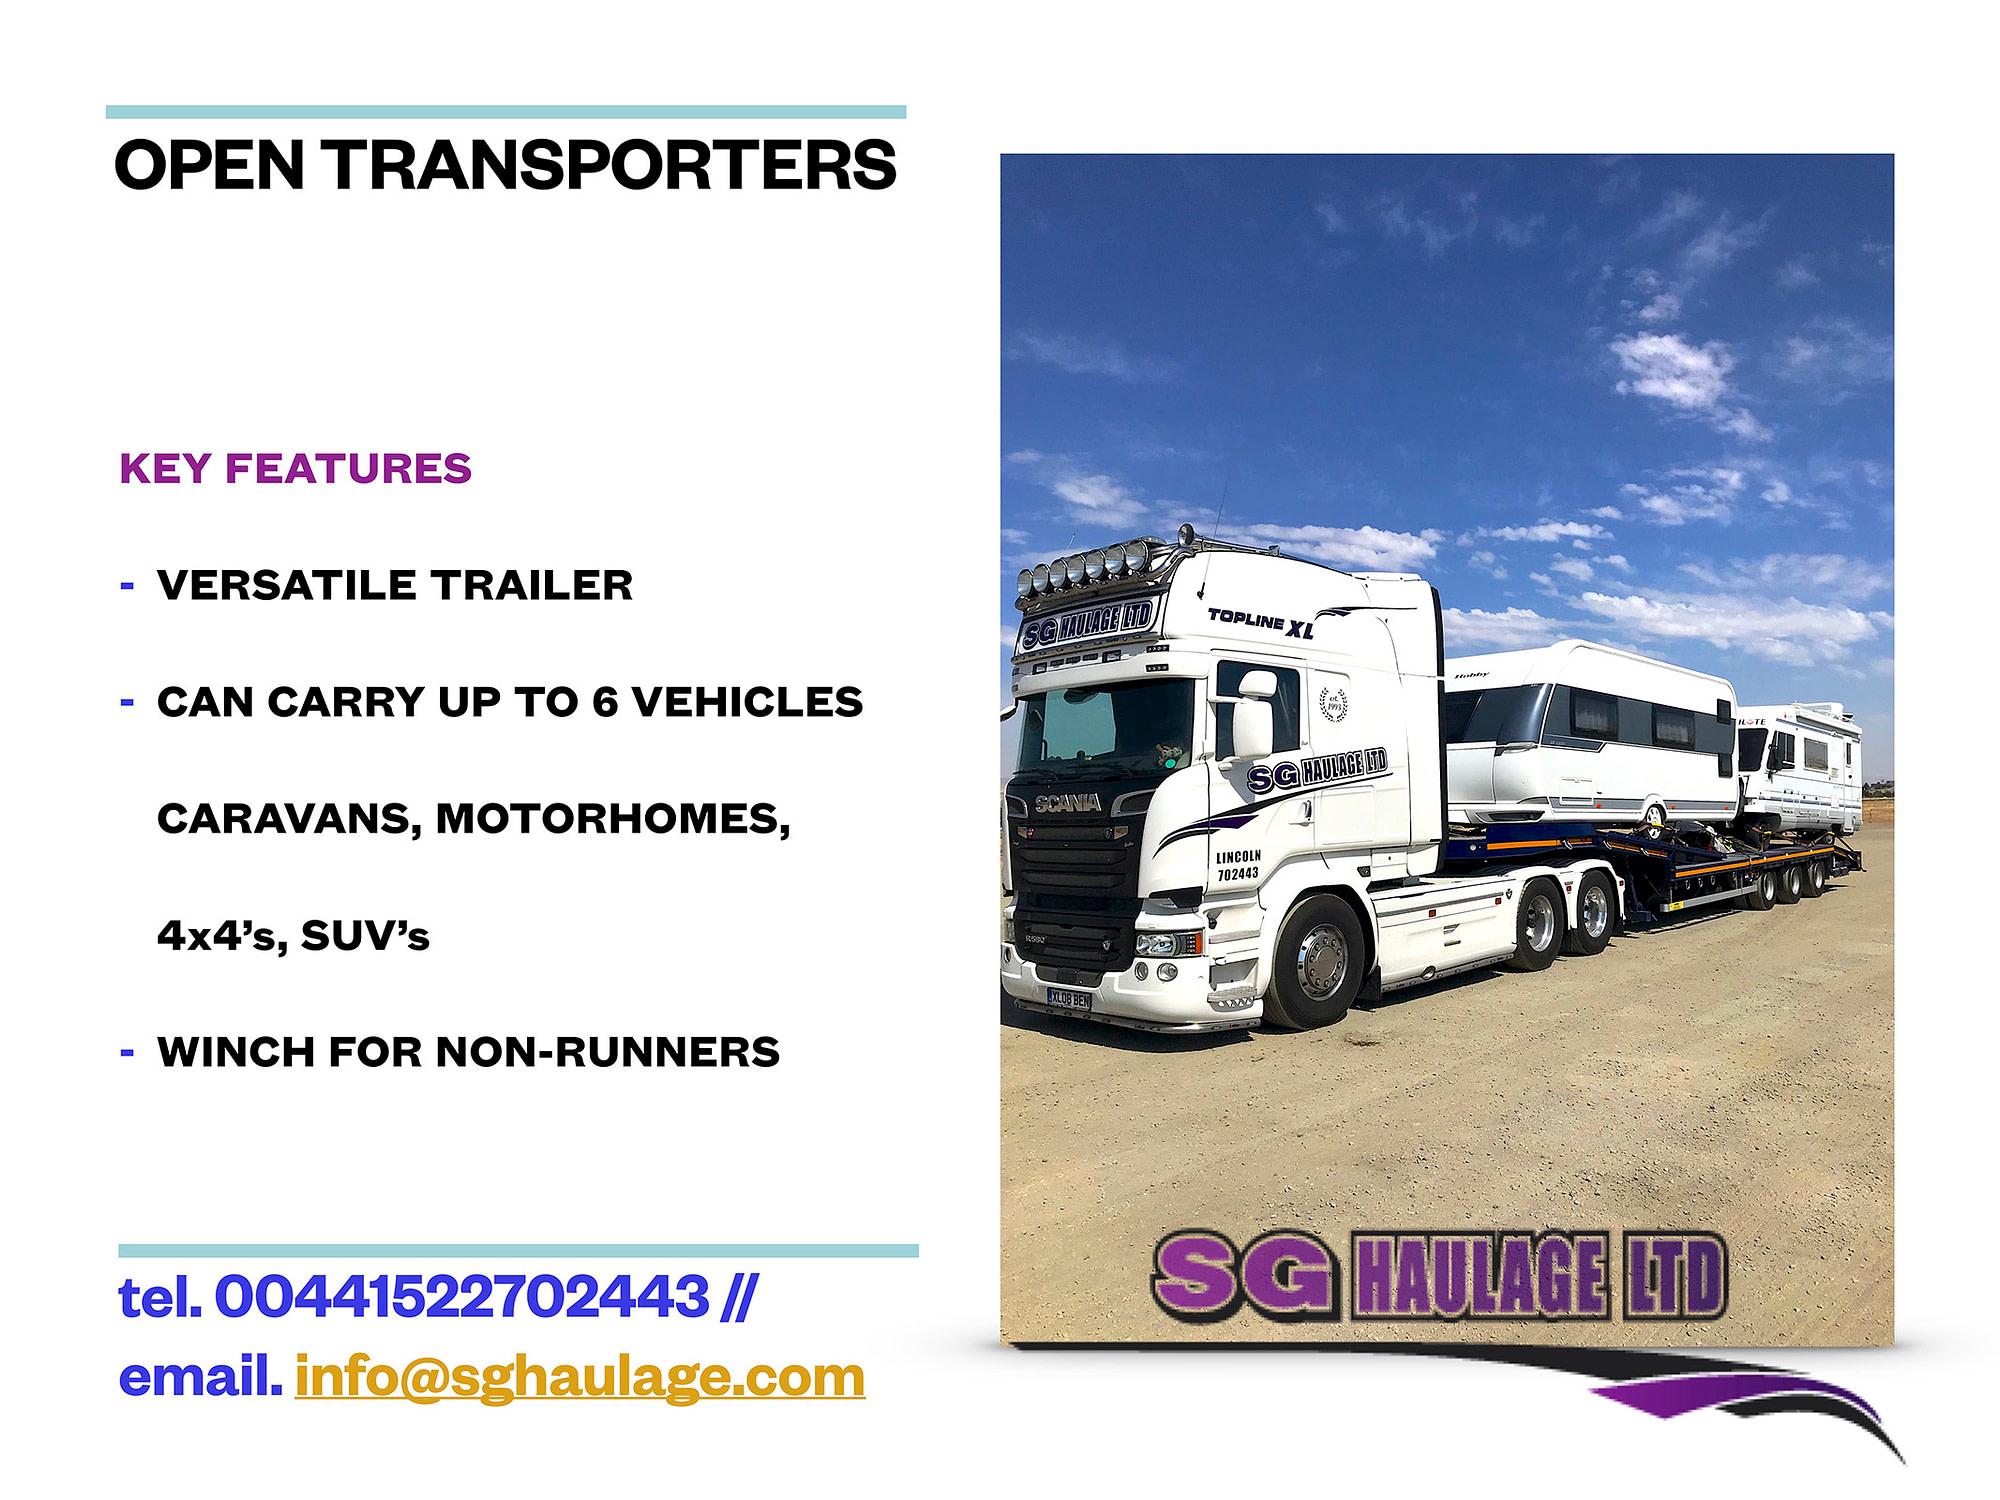 Open Transporters